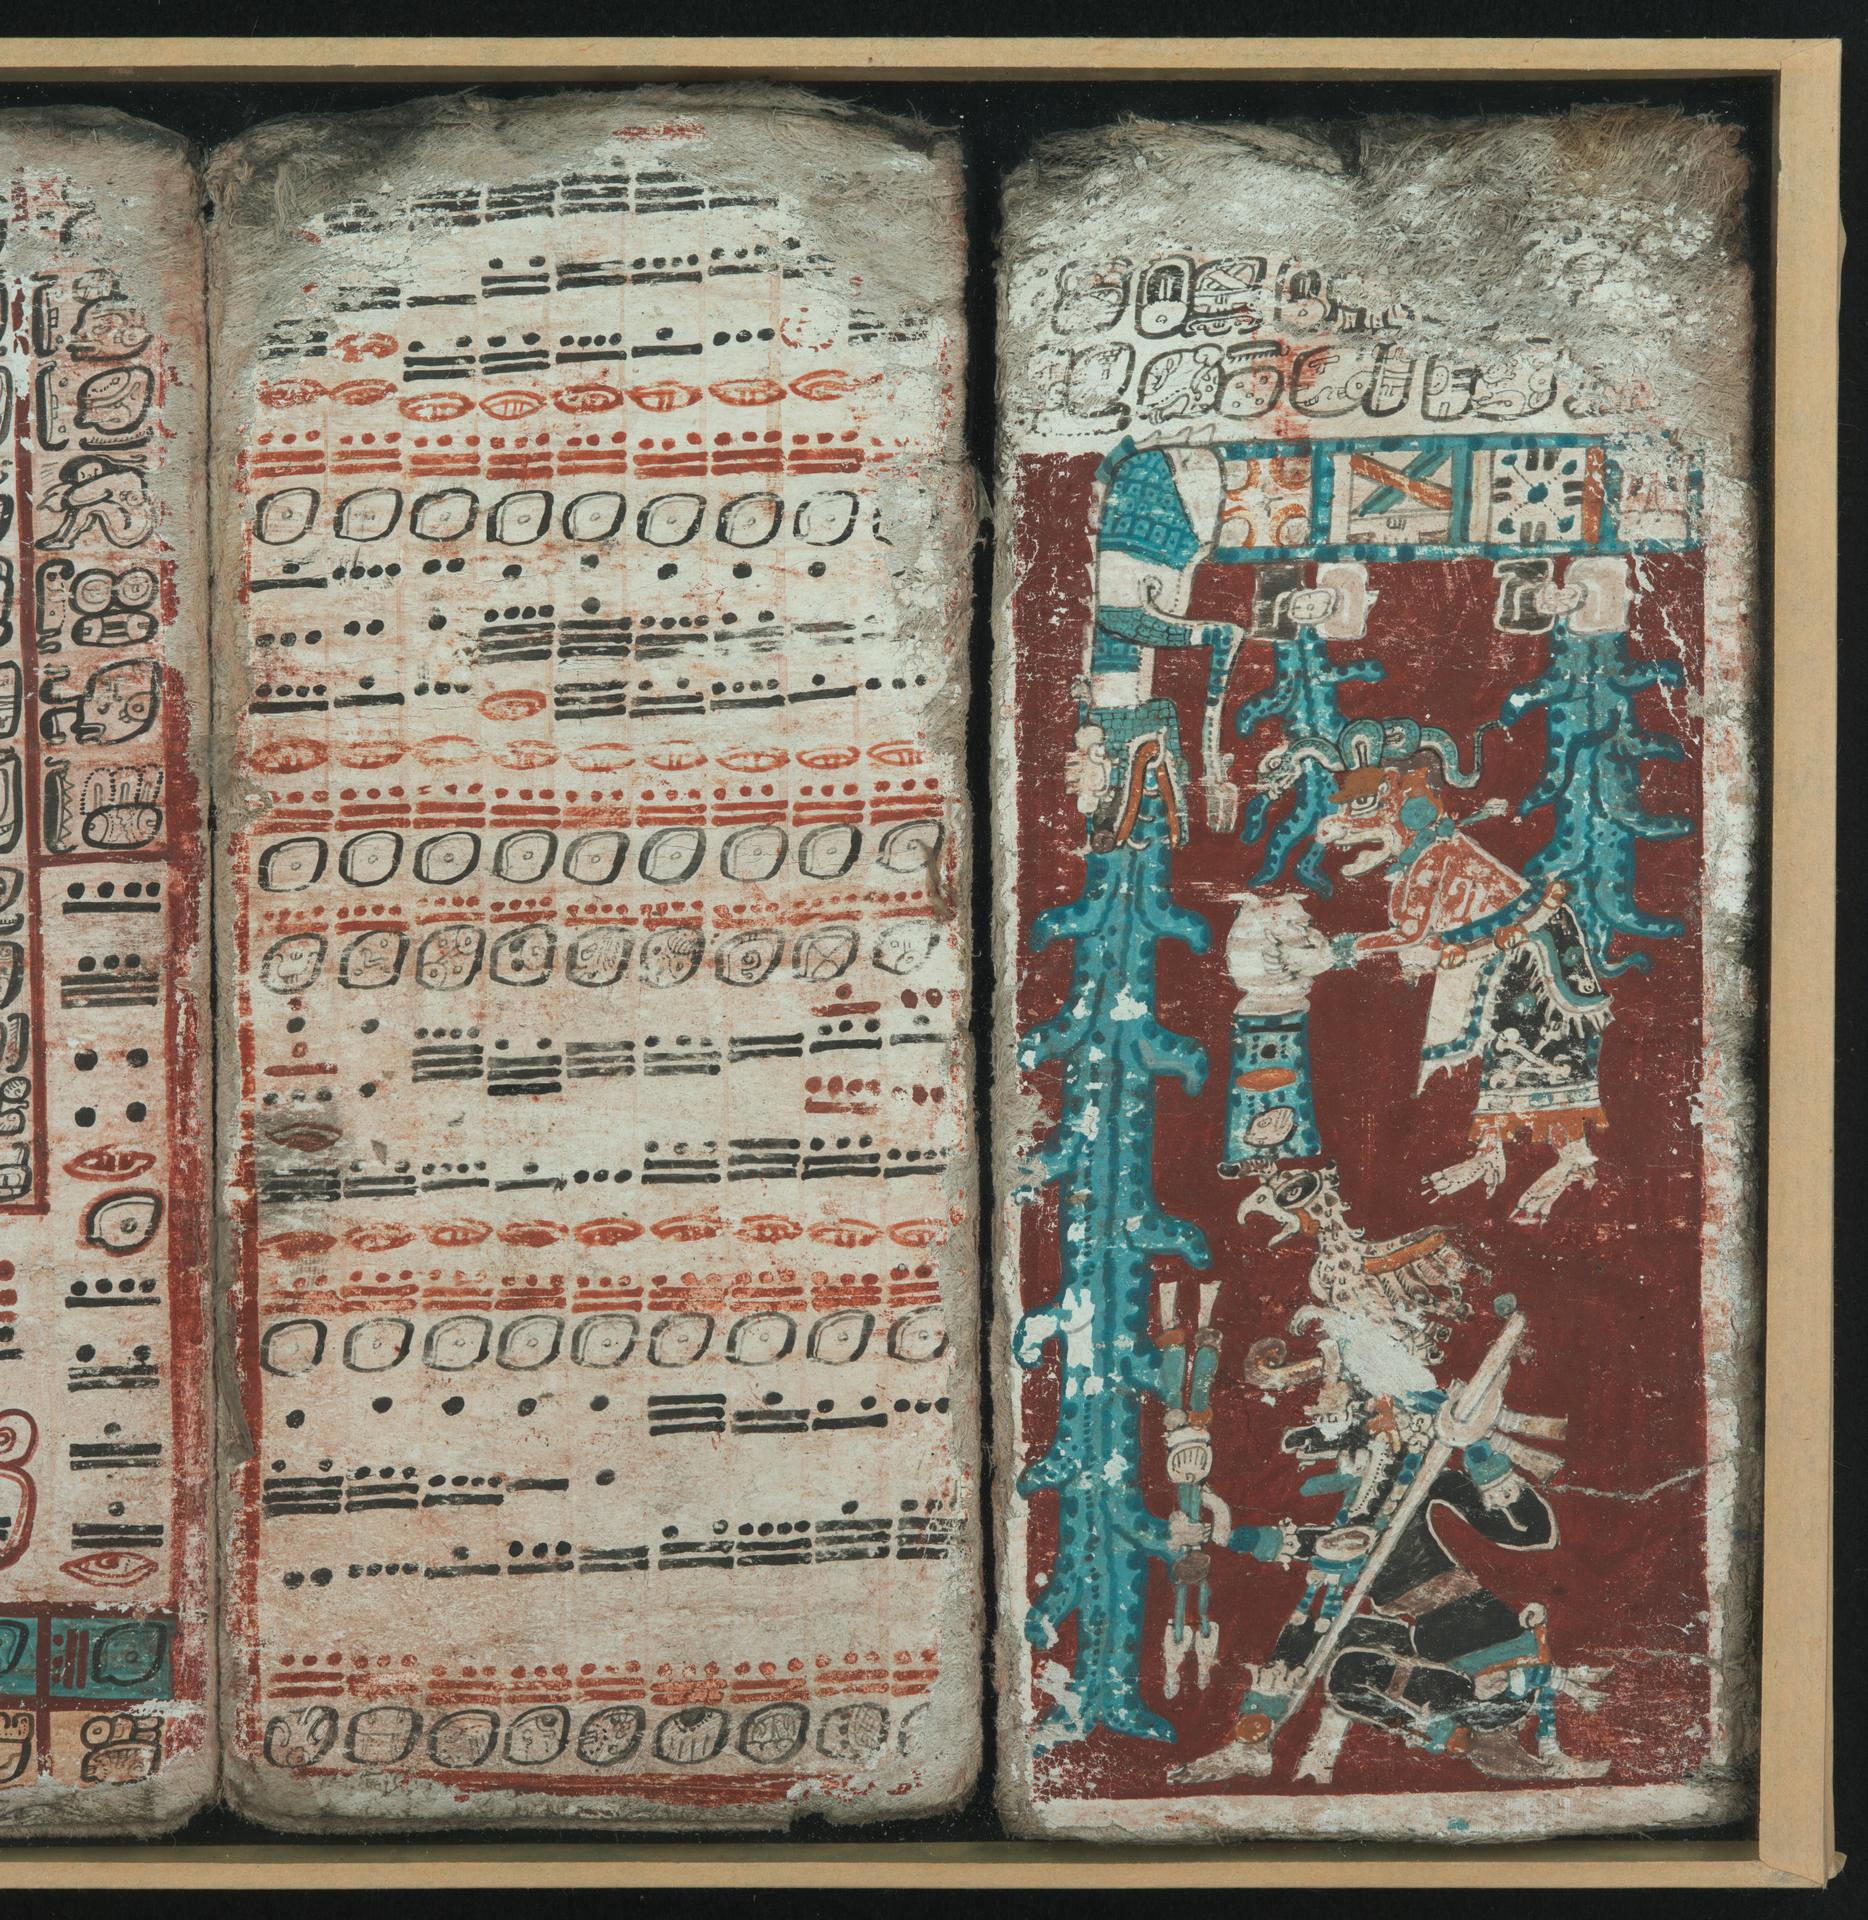 Codex Dresdensis, S. 74: Die große Flut